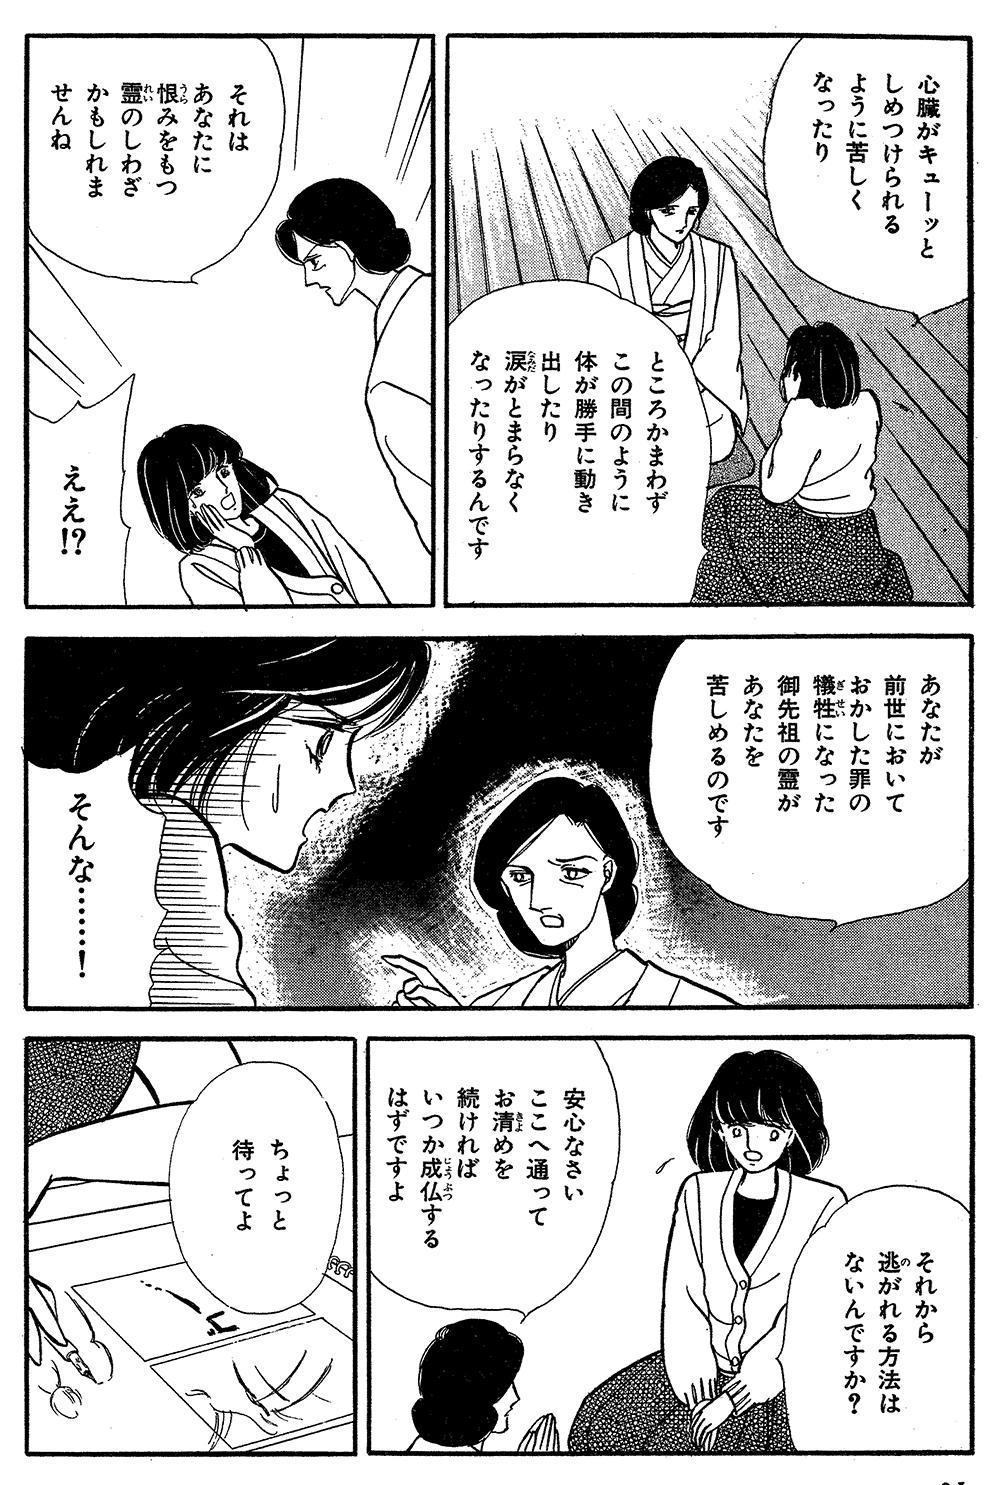 魔百合の恐怖報告  第2話「消えた黒猫」①mayuri07-08.jpg